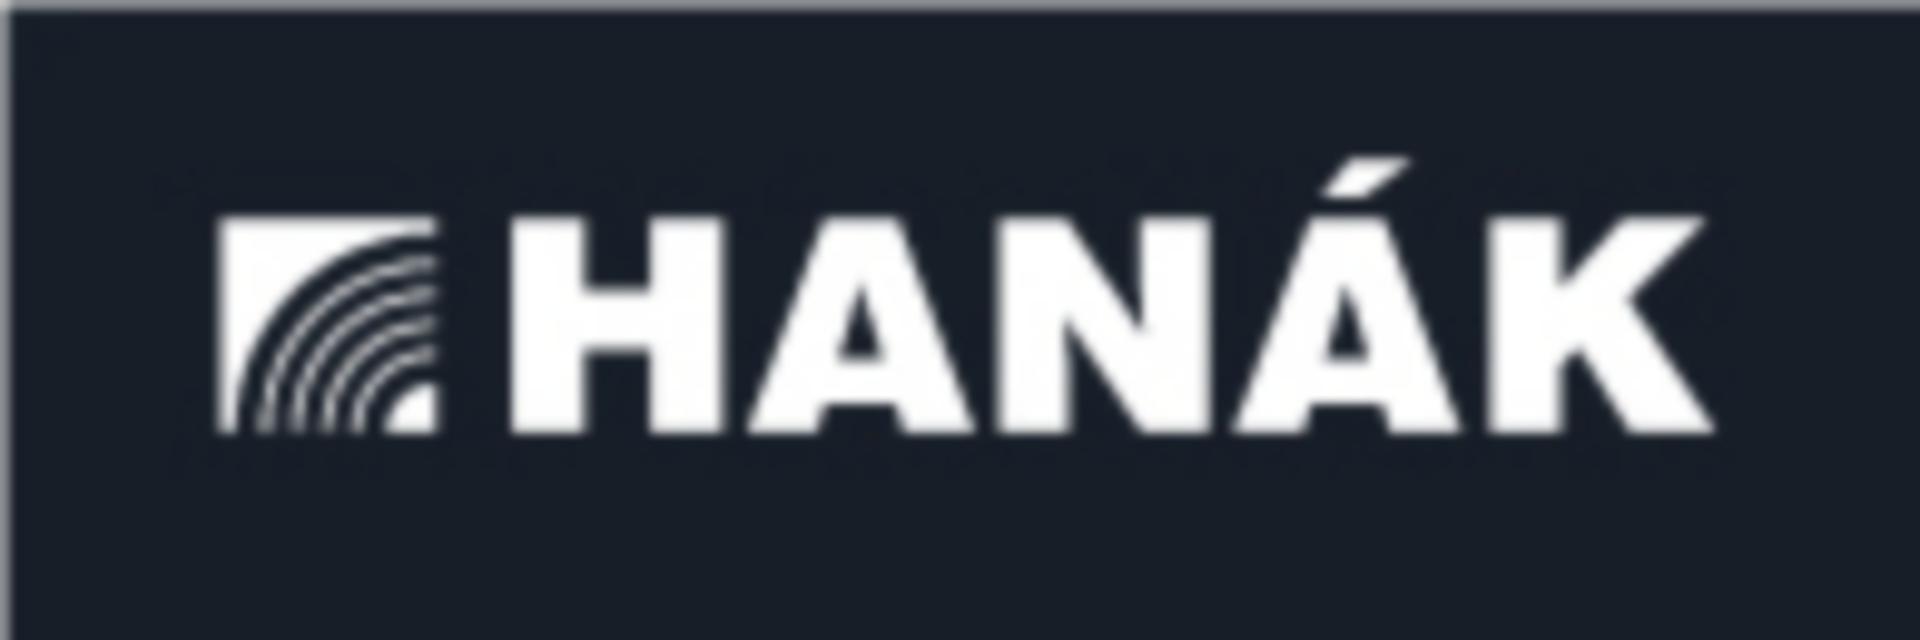 logo-partner-hanak-nabytek.jpg